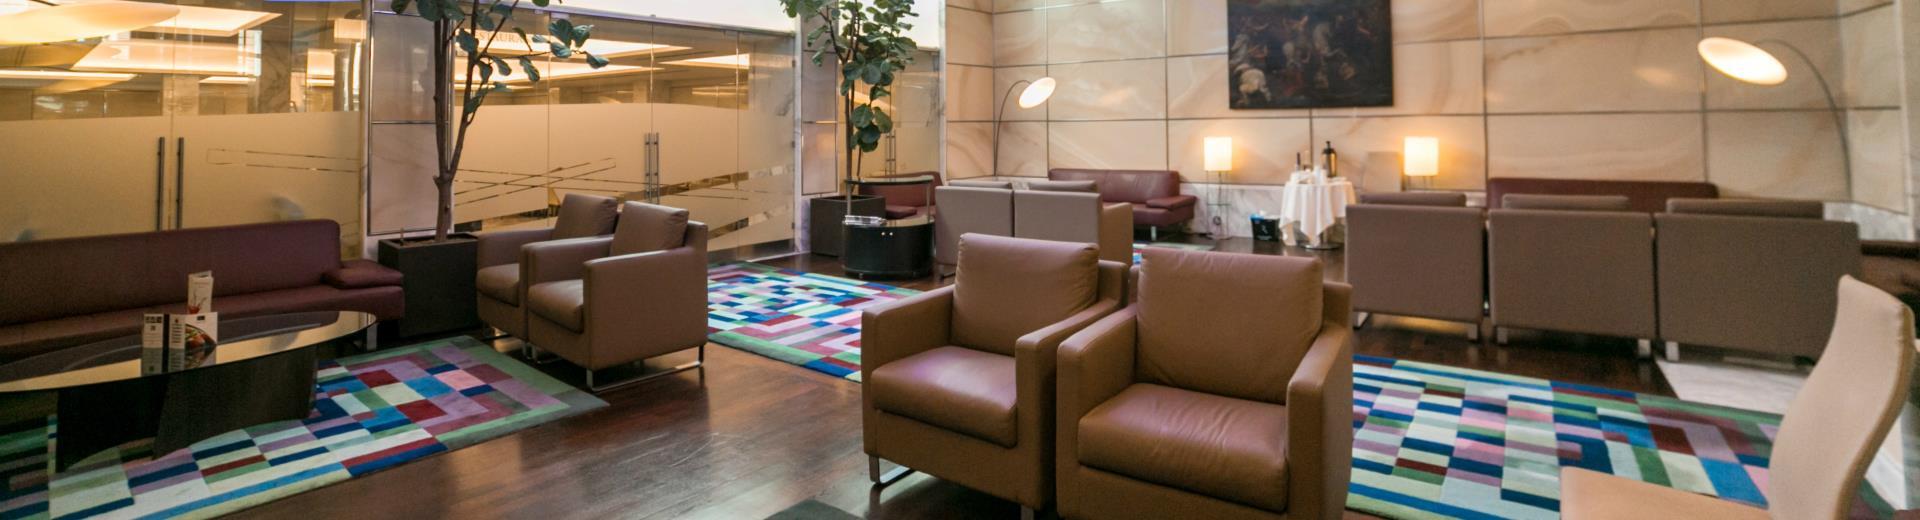 Roscioli Hotels, 3 e 4 stelle a Roma e Milano